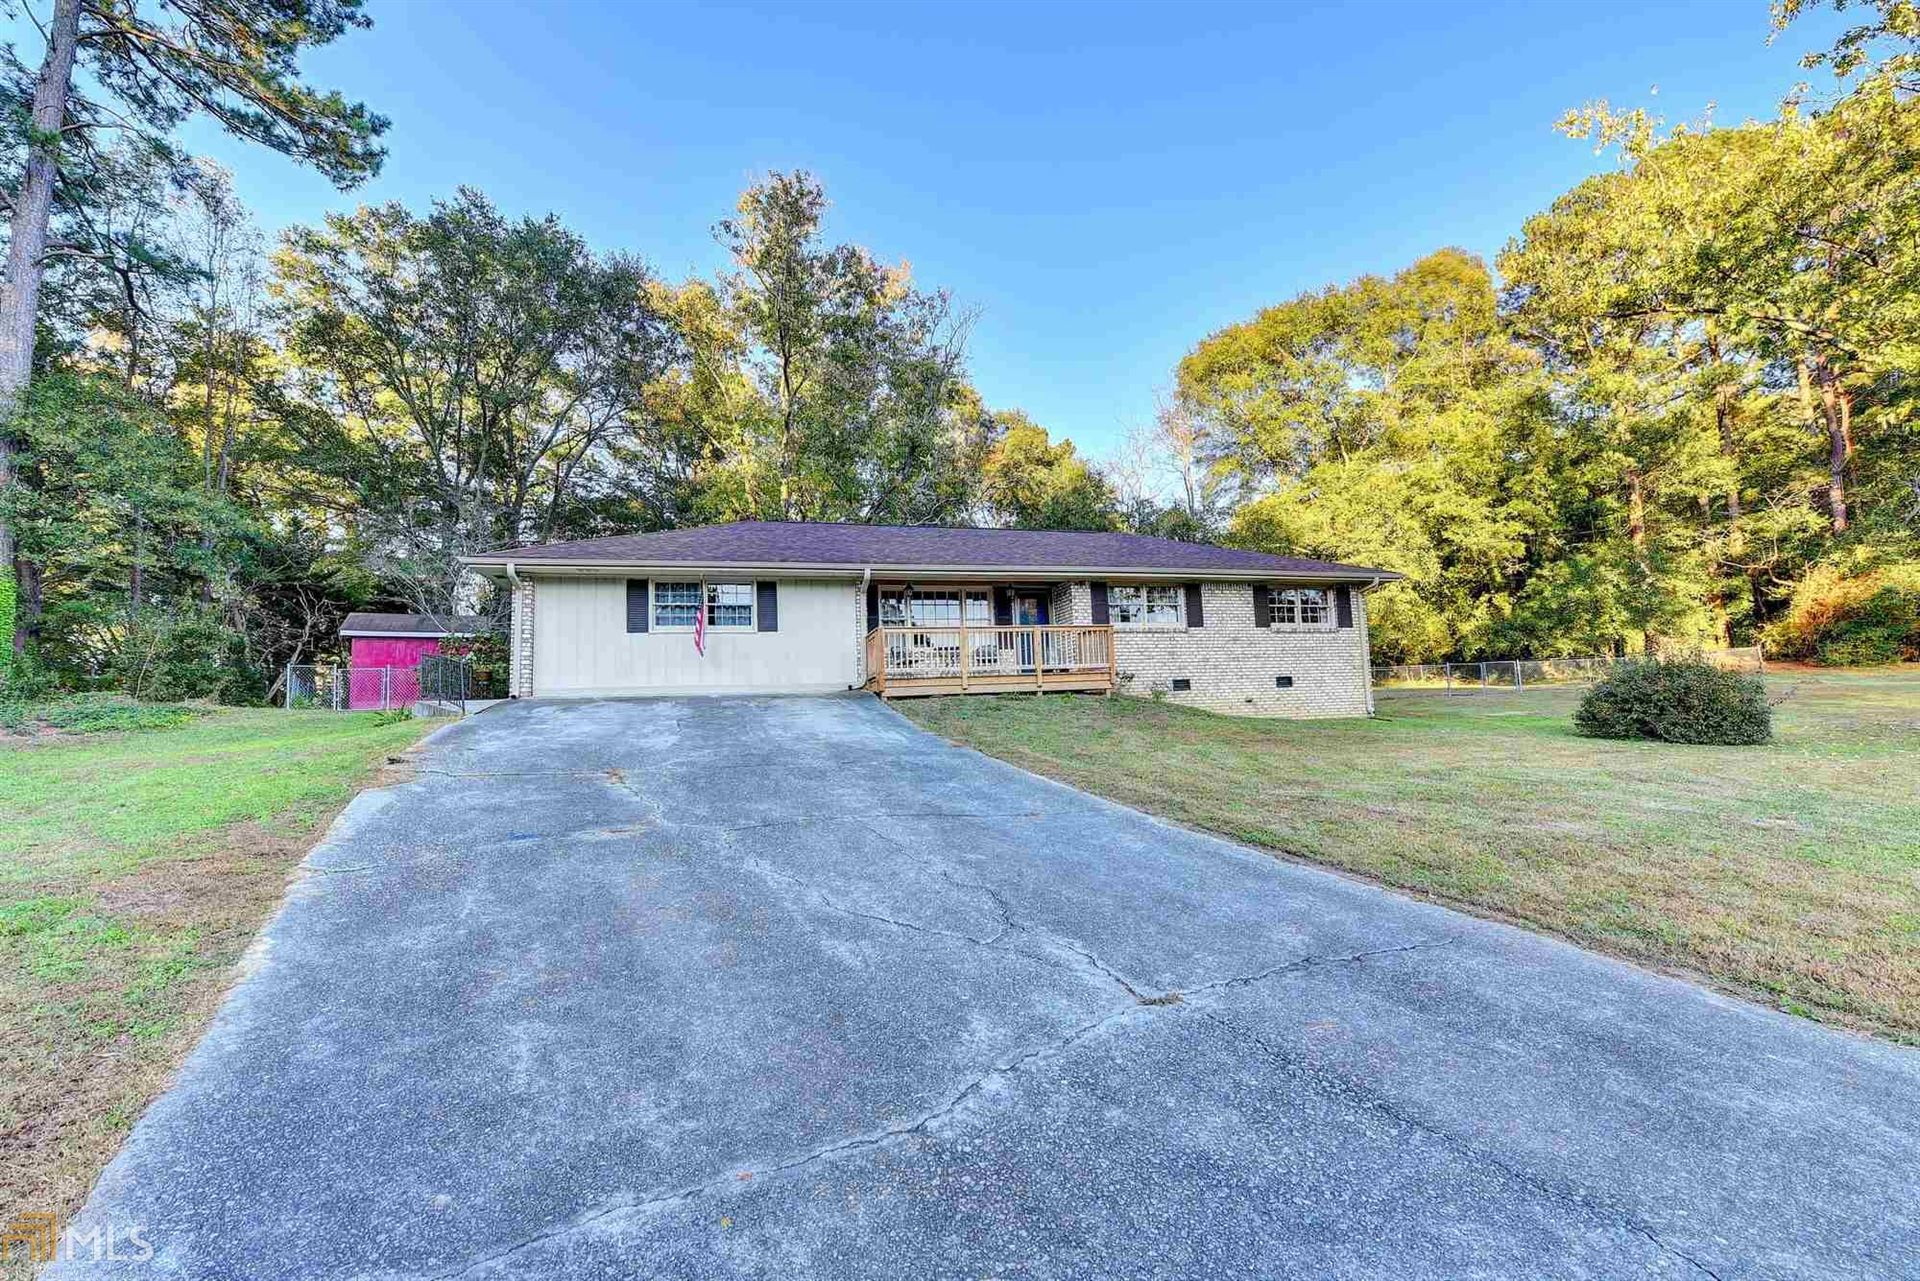 2158 Cannon Hill Rd, Lilburn, GA 30047 - MLS#: 8885222